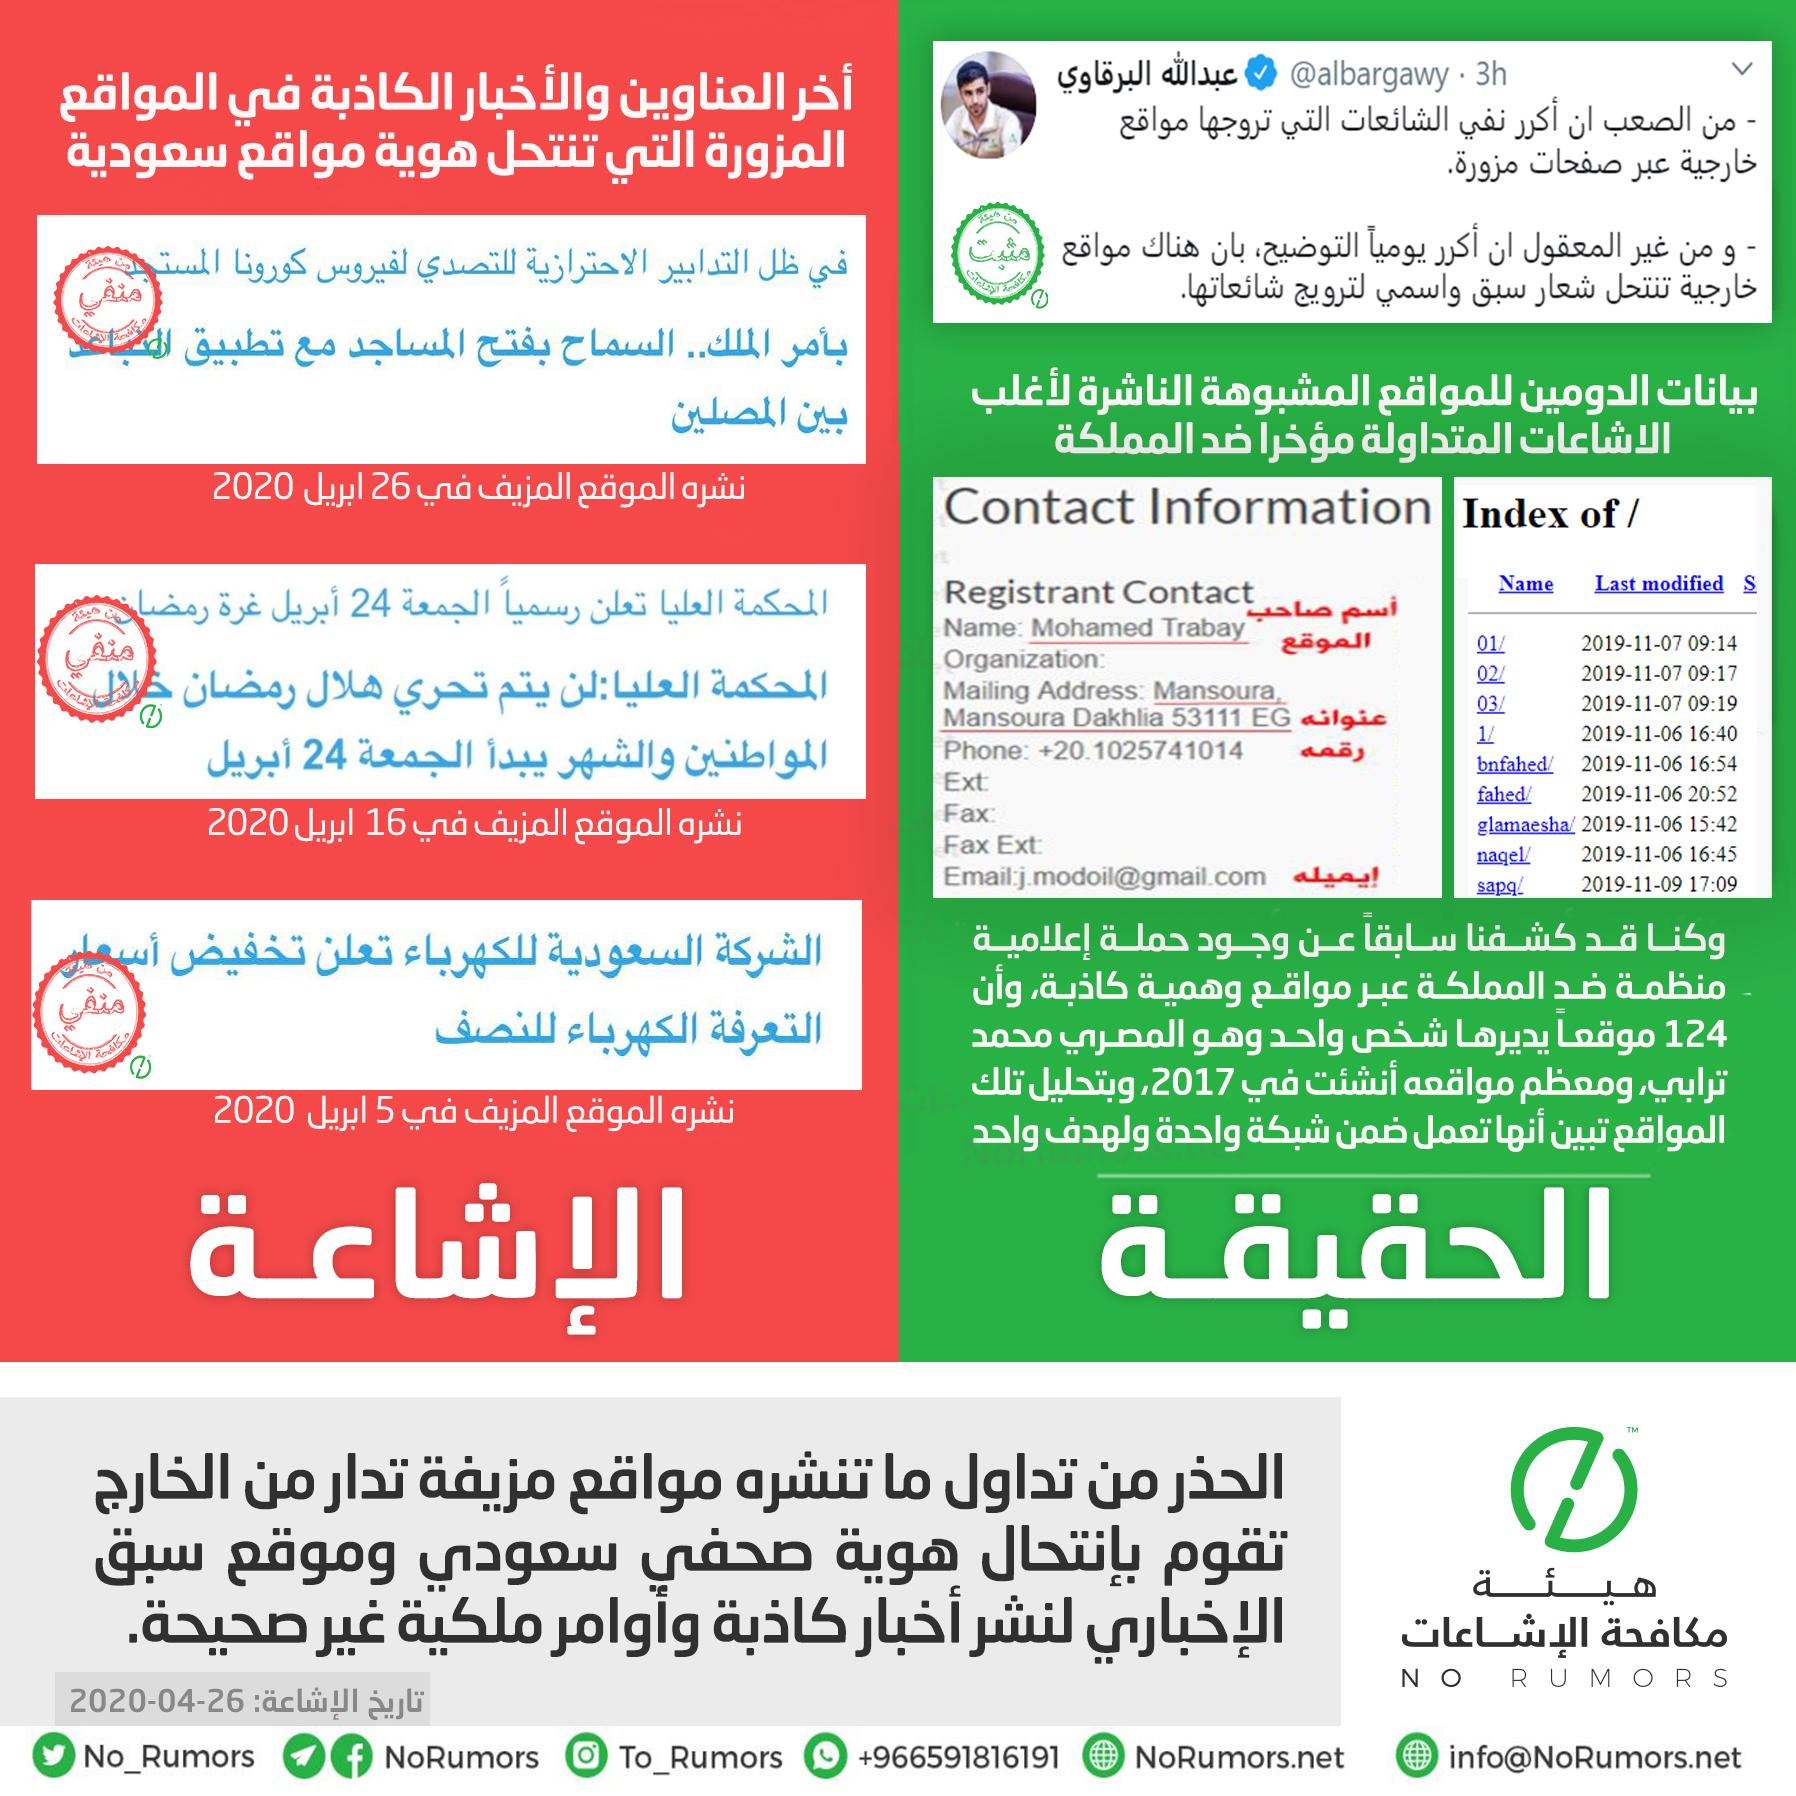 حقيقة المواقع المزيفة التي تدار من الخارج وتقوم بإنتحال هوية صحفي سعودي وموقع سبق الإخباري لنشر أخبار كاذبة لتثير الرأي العام